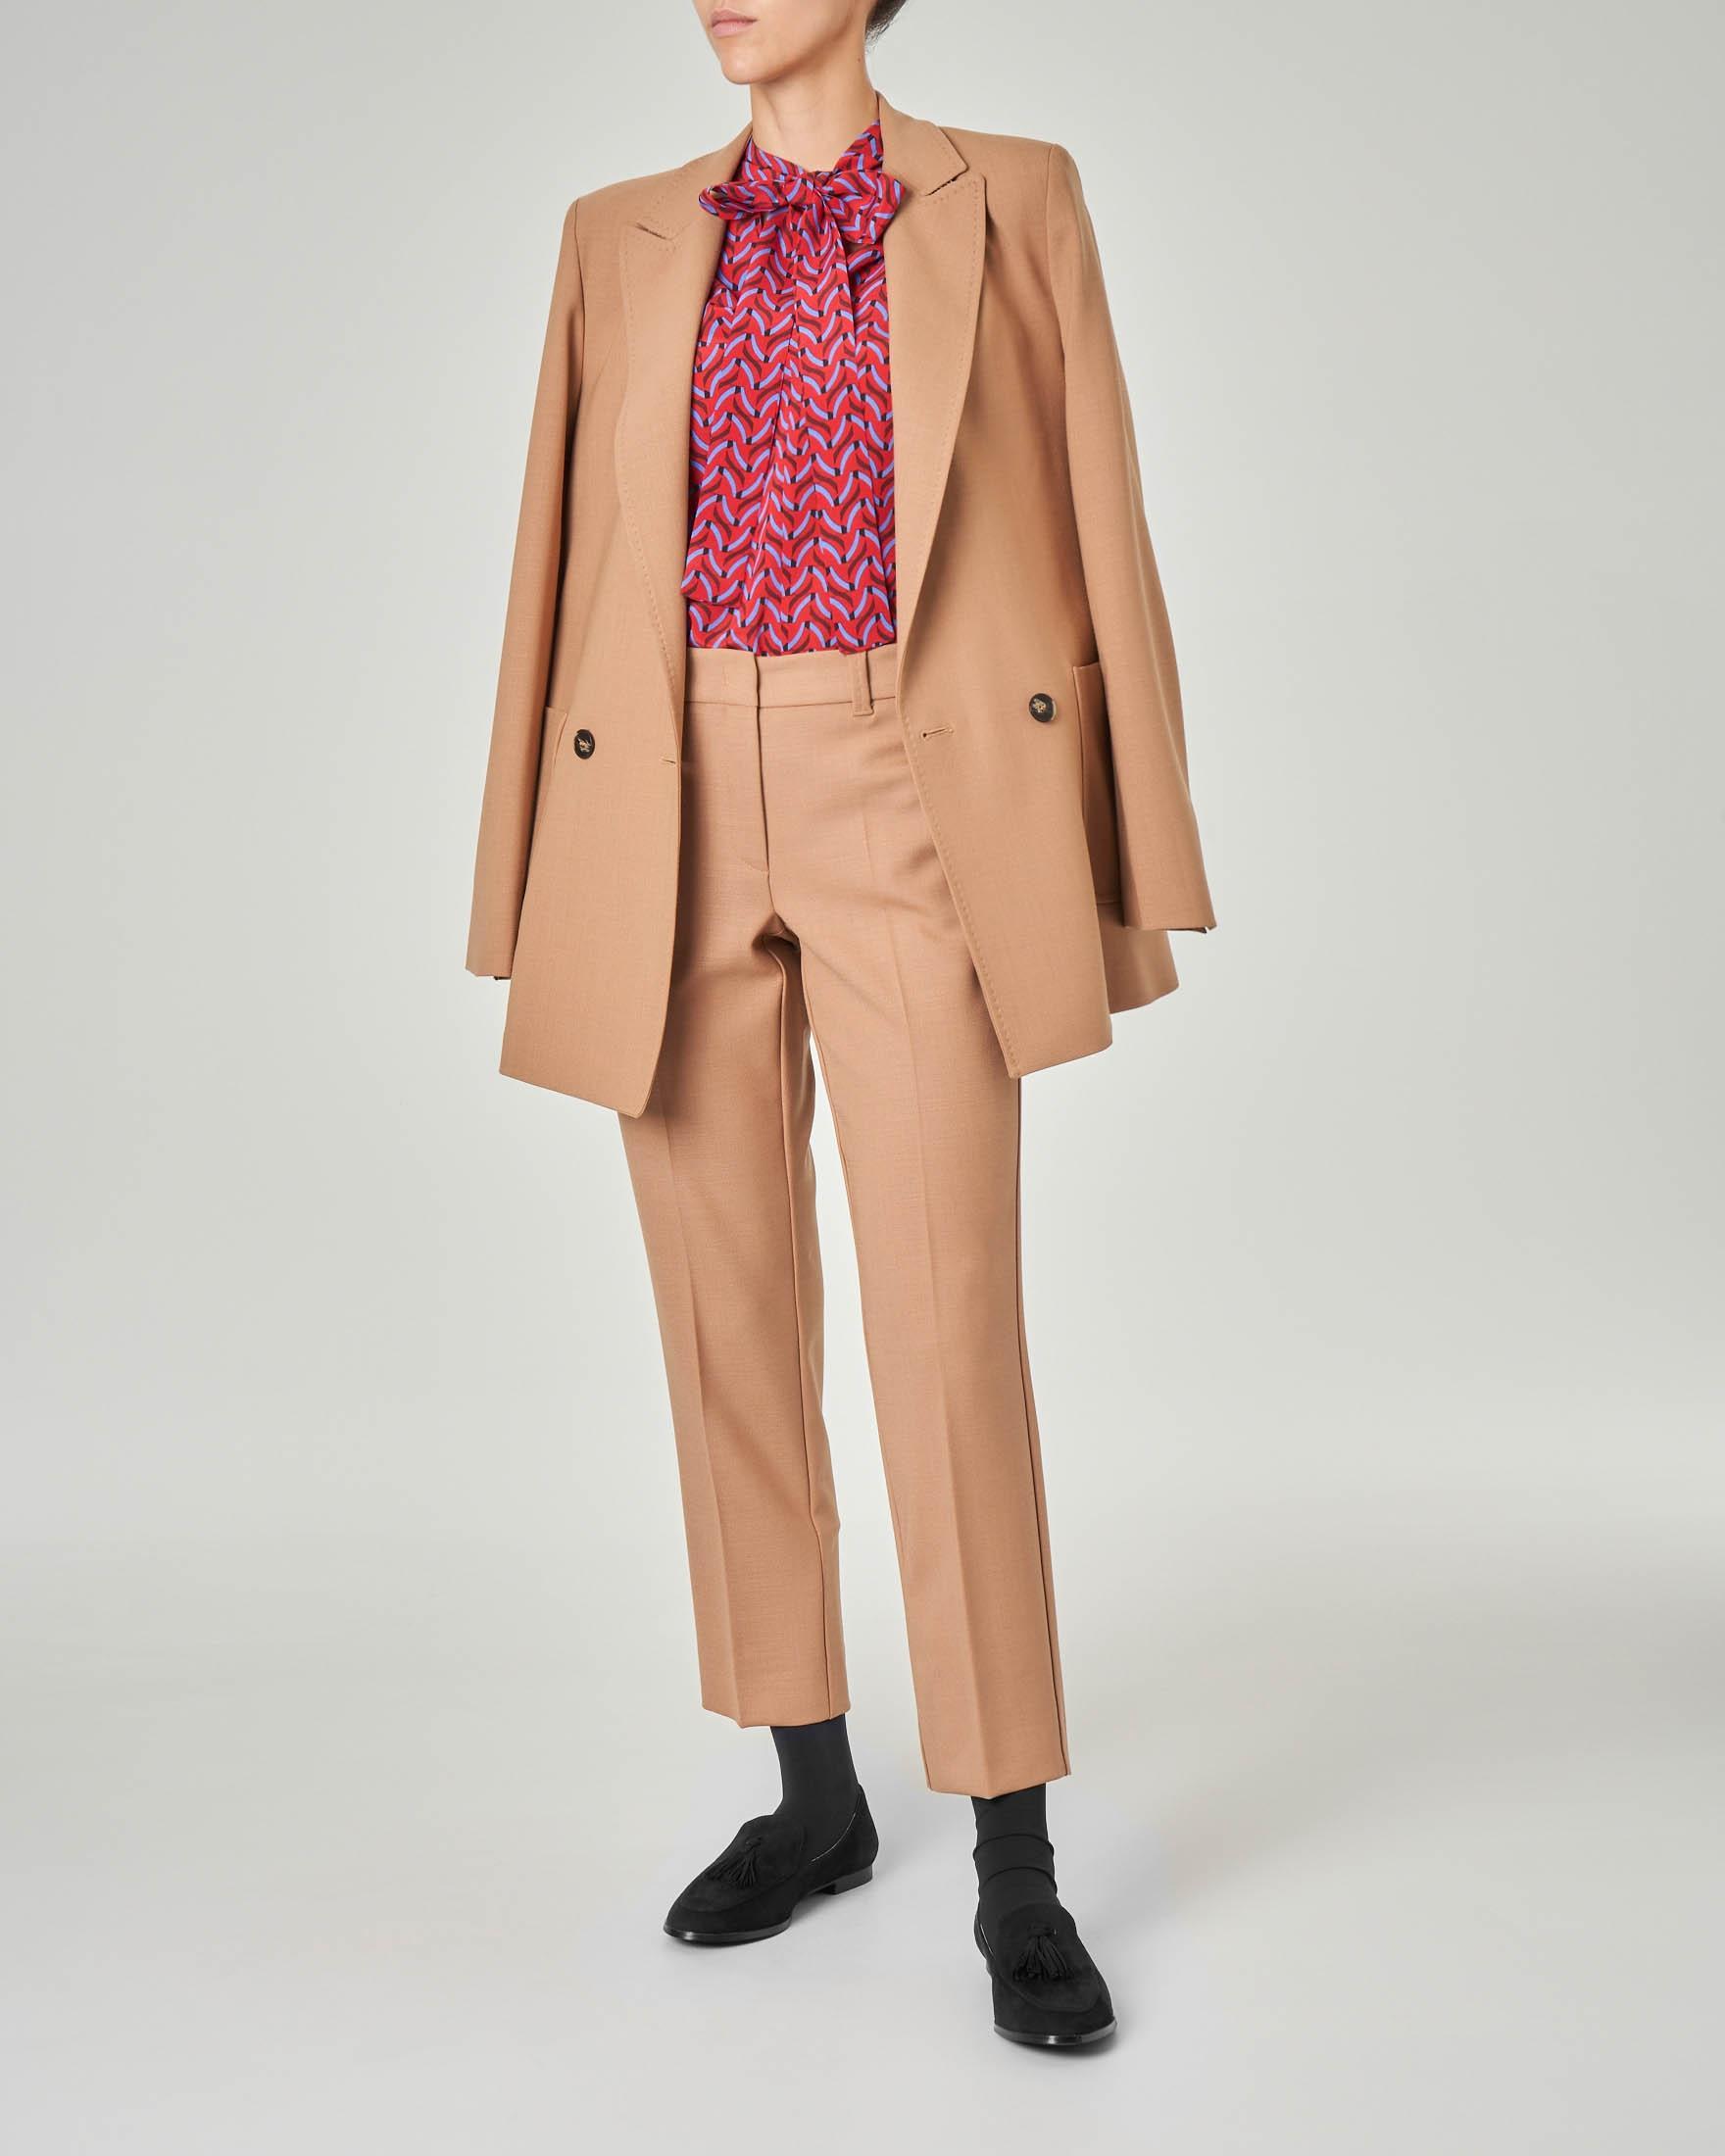 Giacca doppiopetto in misto lana color cammello